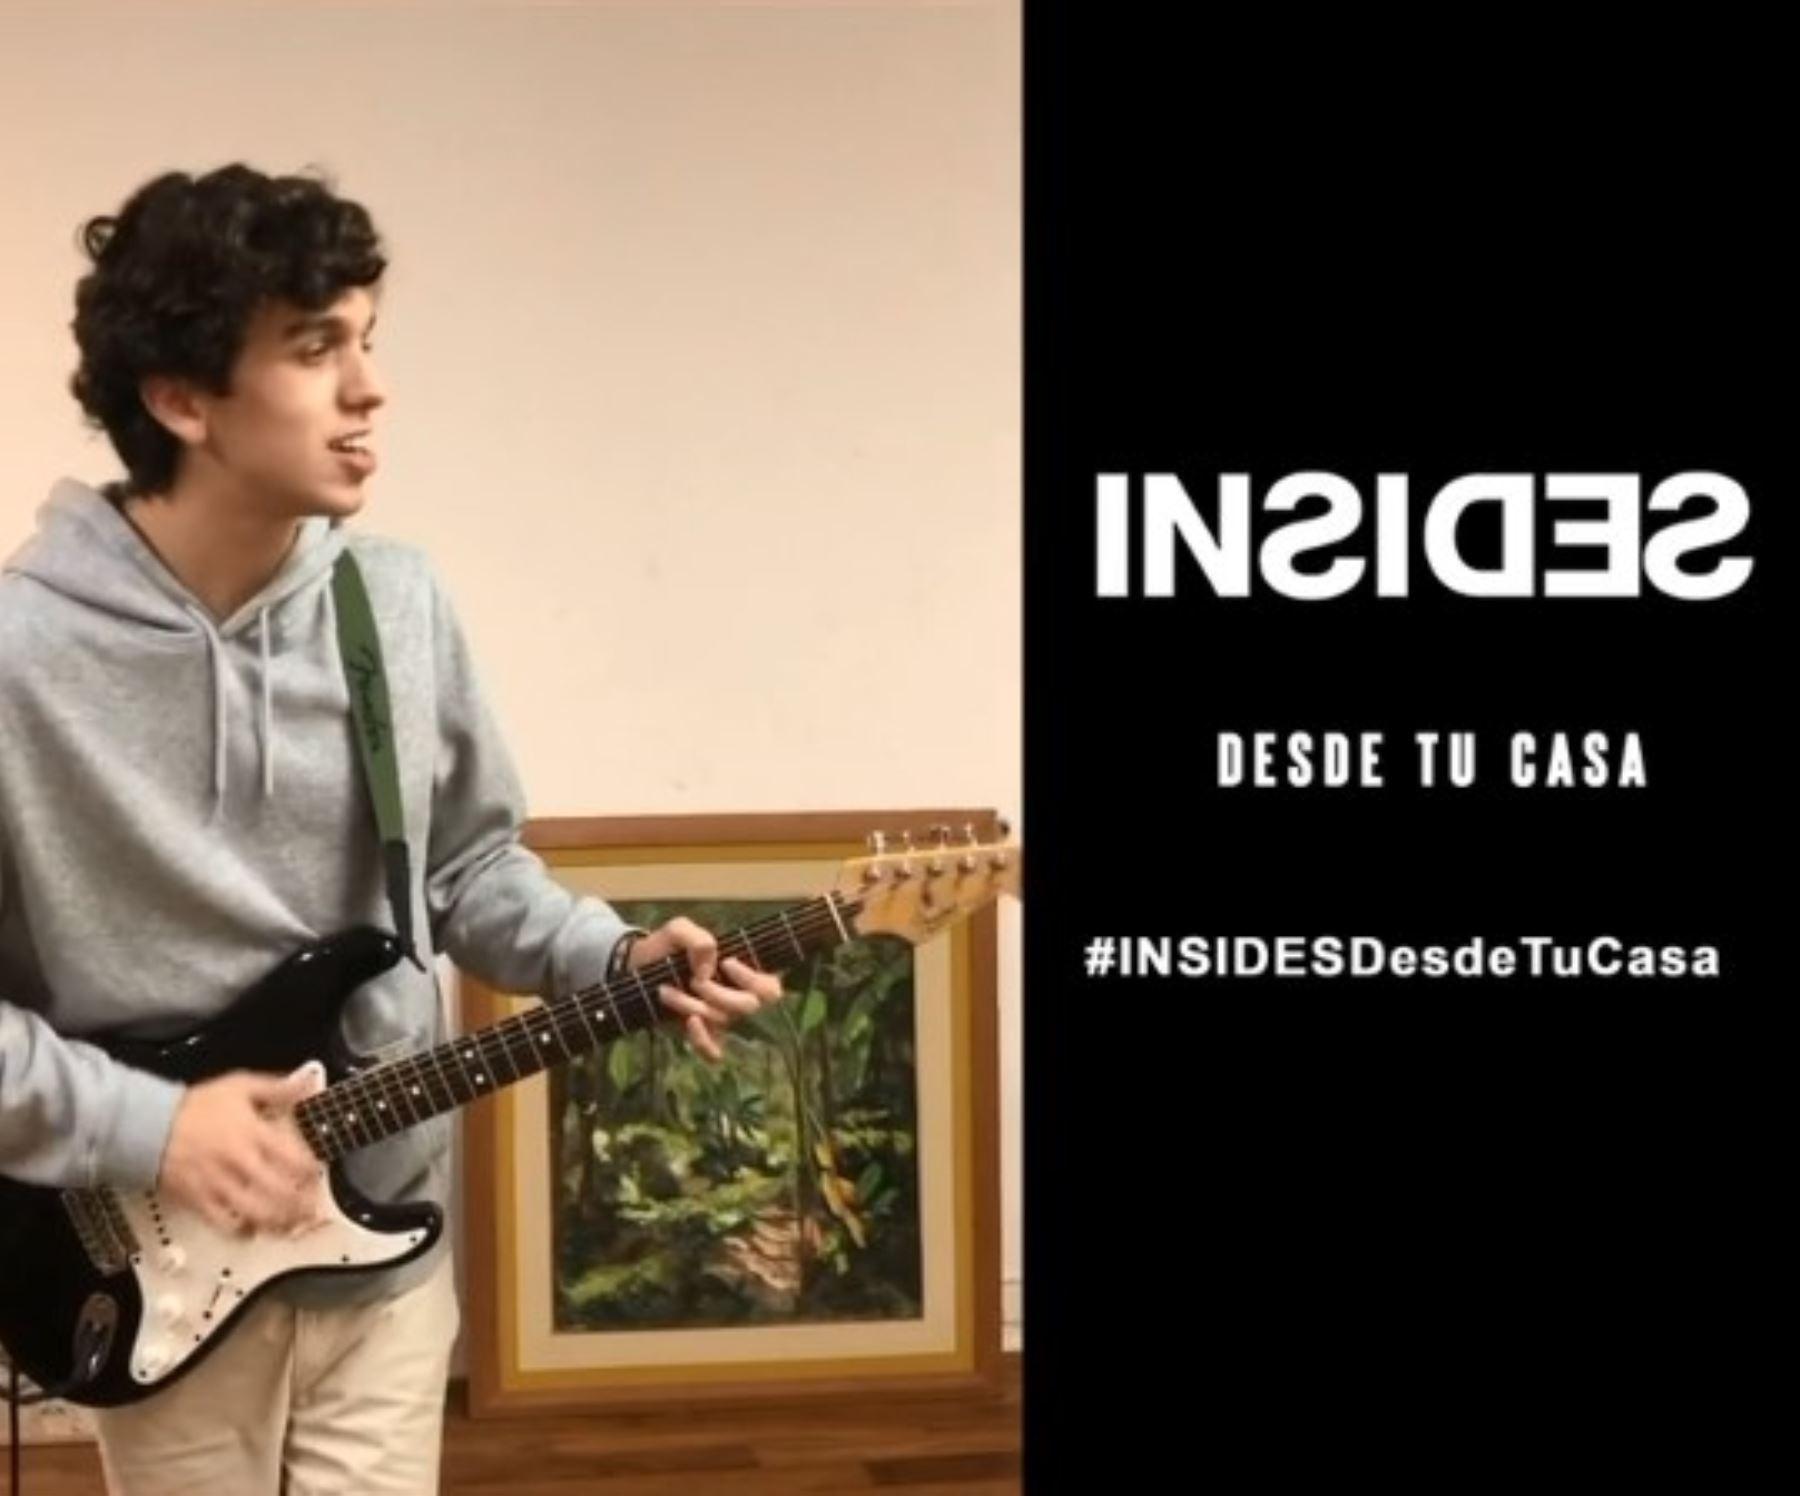 Graba tu video y envíalo al IG de Inside como una forma de compartir tu música.